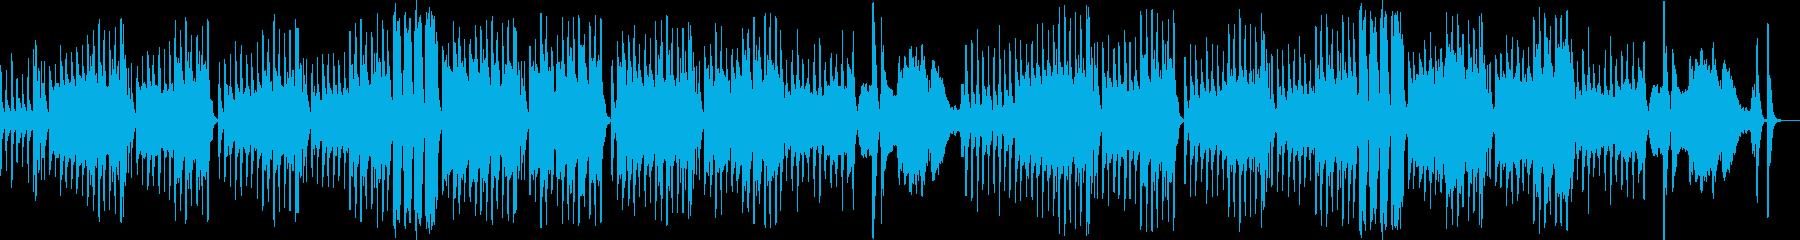 クラシカルで怪しいゴシックホラーなBGMの再生済みの波形